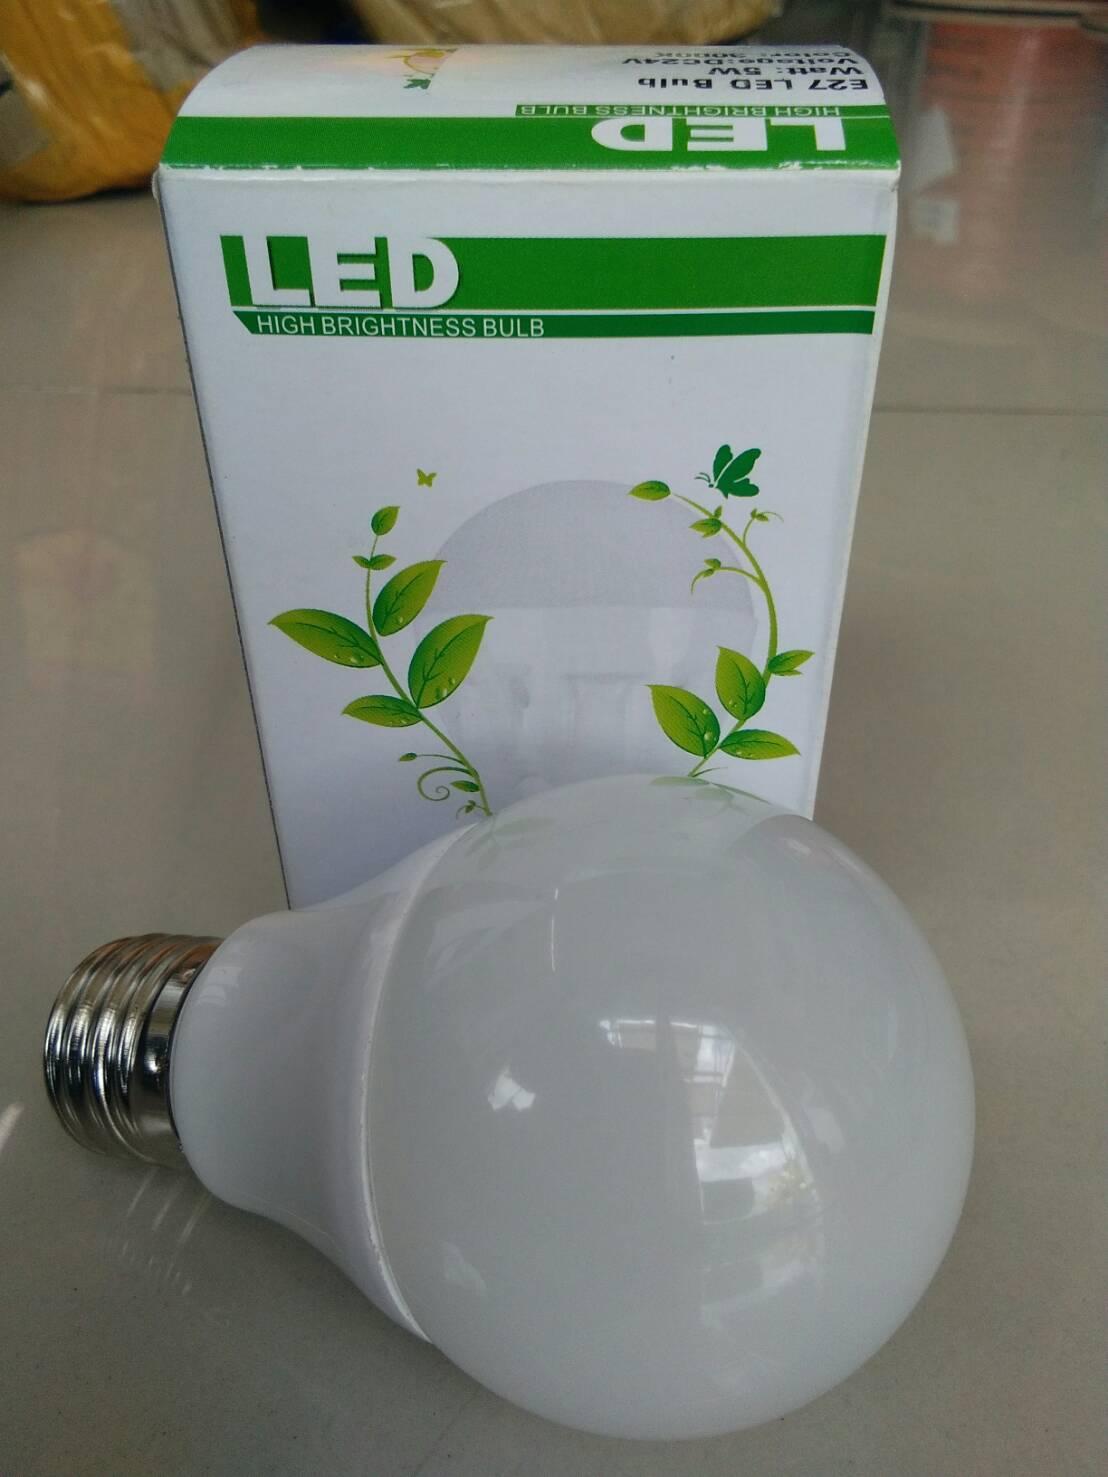 หลอดไฟ LED E27 Bulb ขนาด 3W 24V 4200-4500K PL